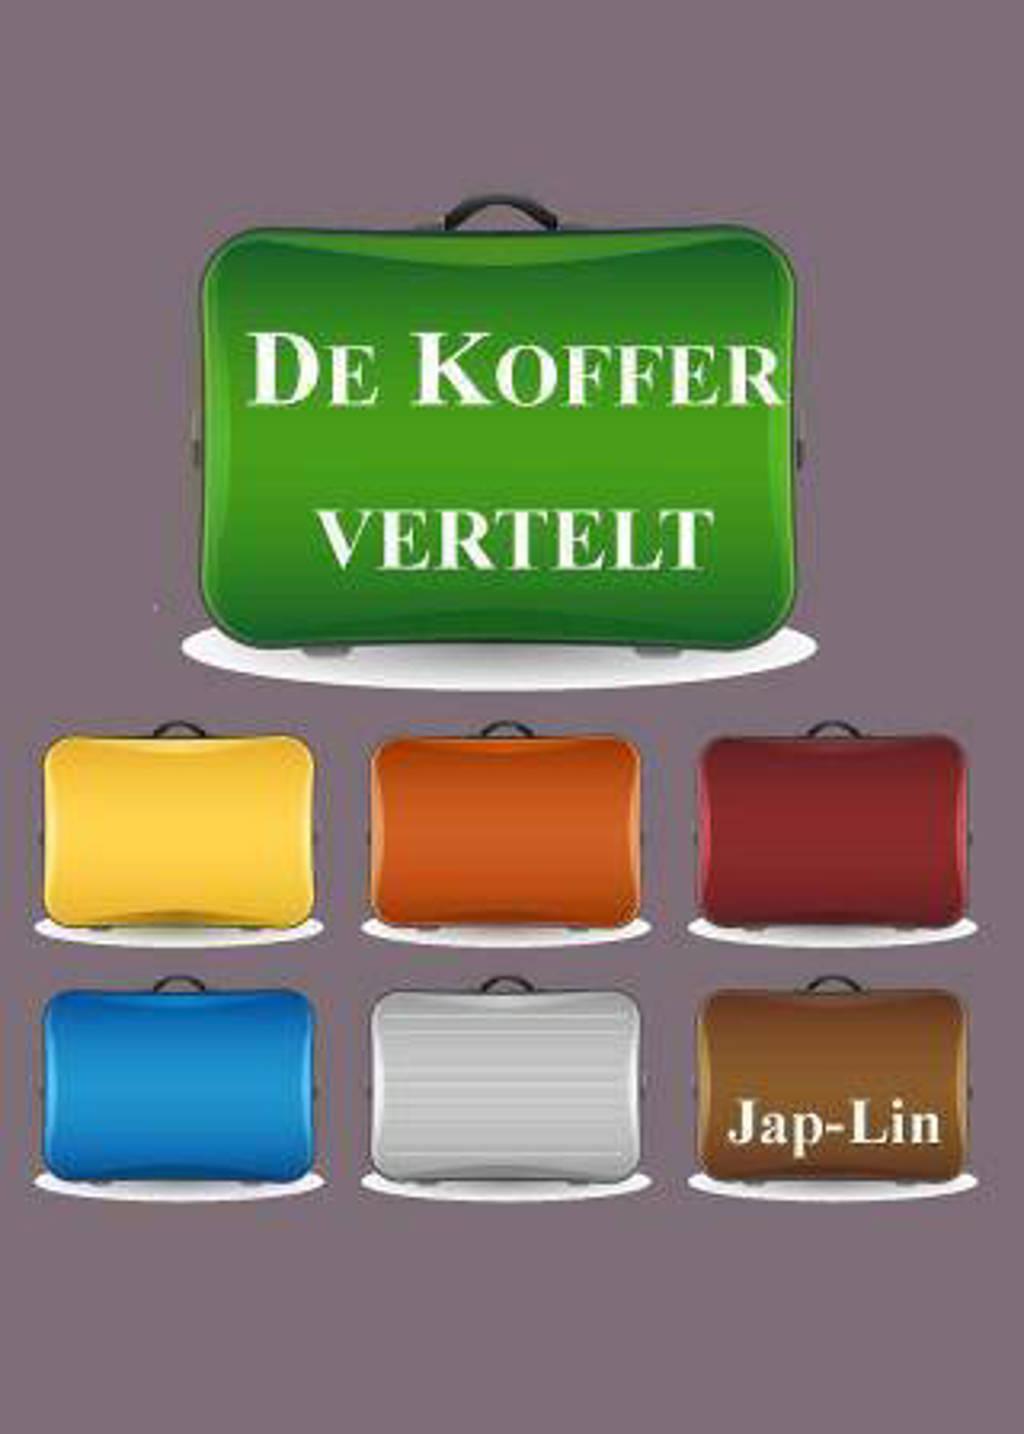 De koffer vertelt - Jap-Lin